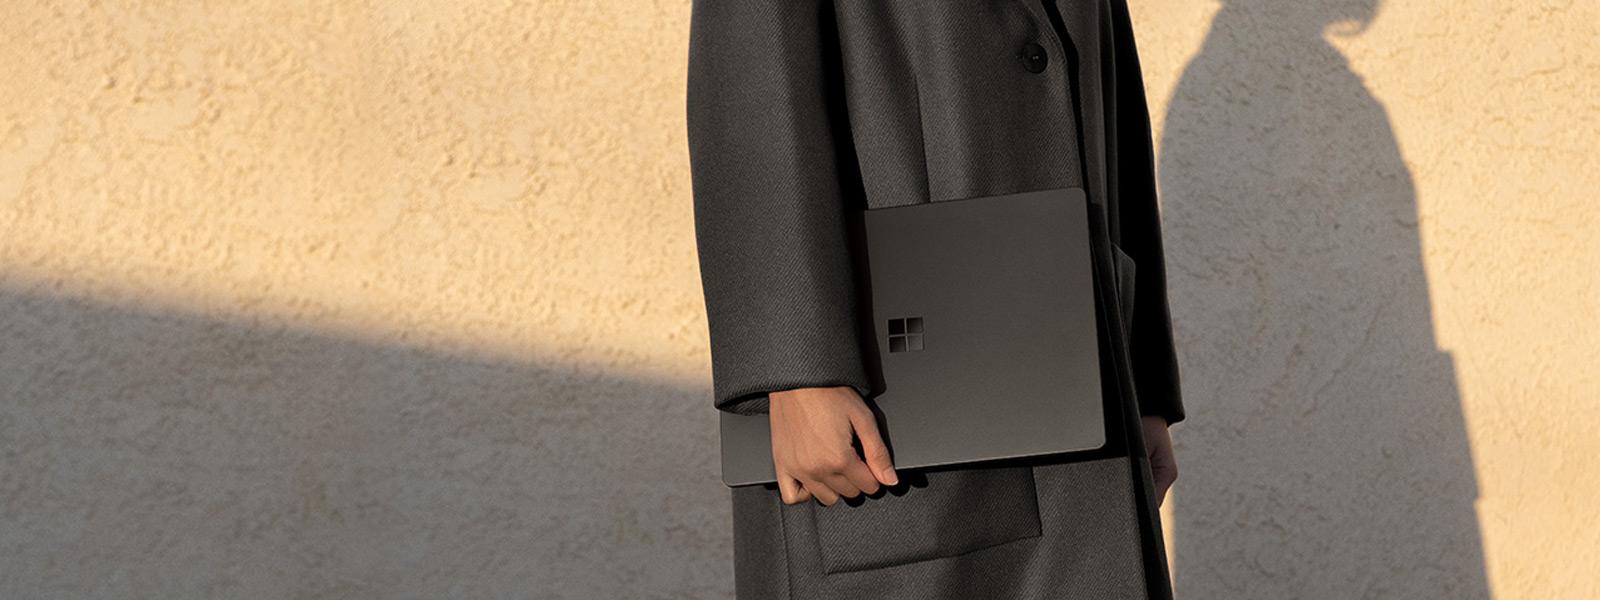 Een persoon met een zwarte jas houdt een Surface Laptop 2 aan de zijkant vast